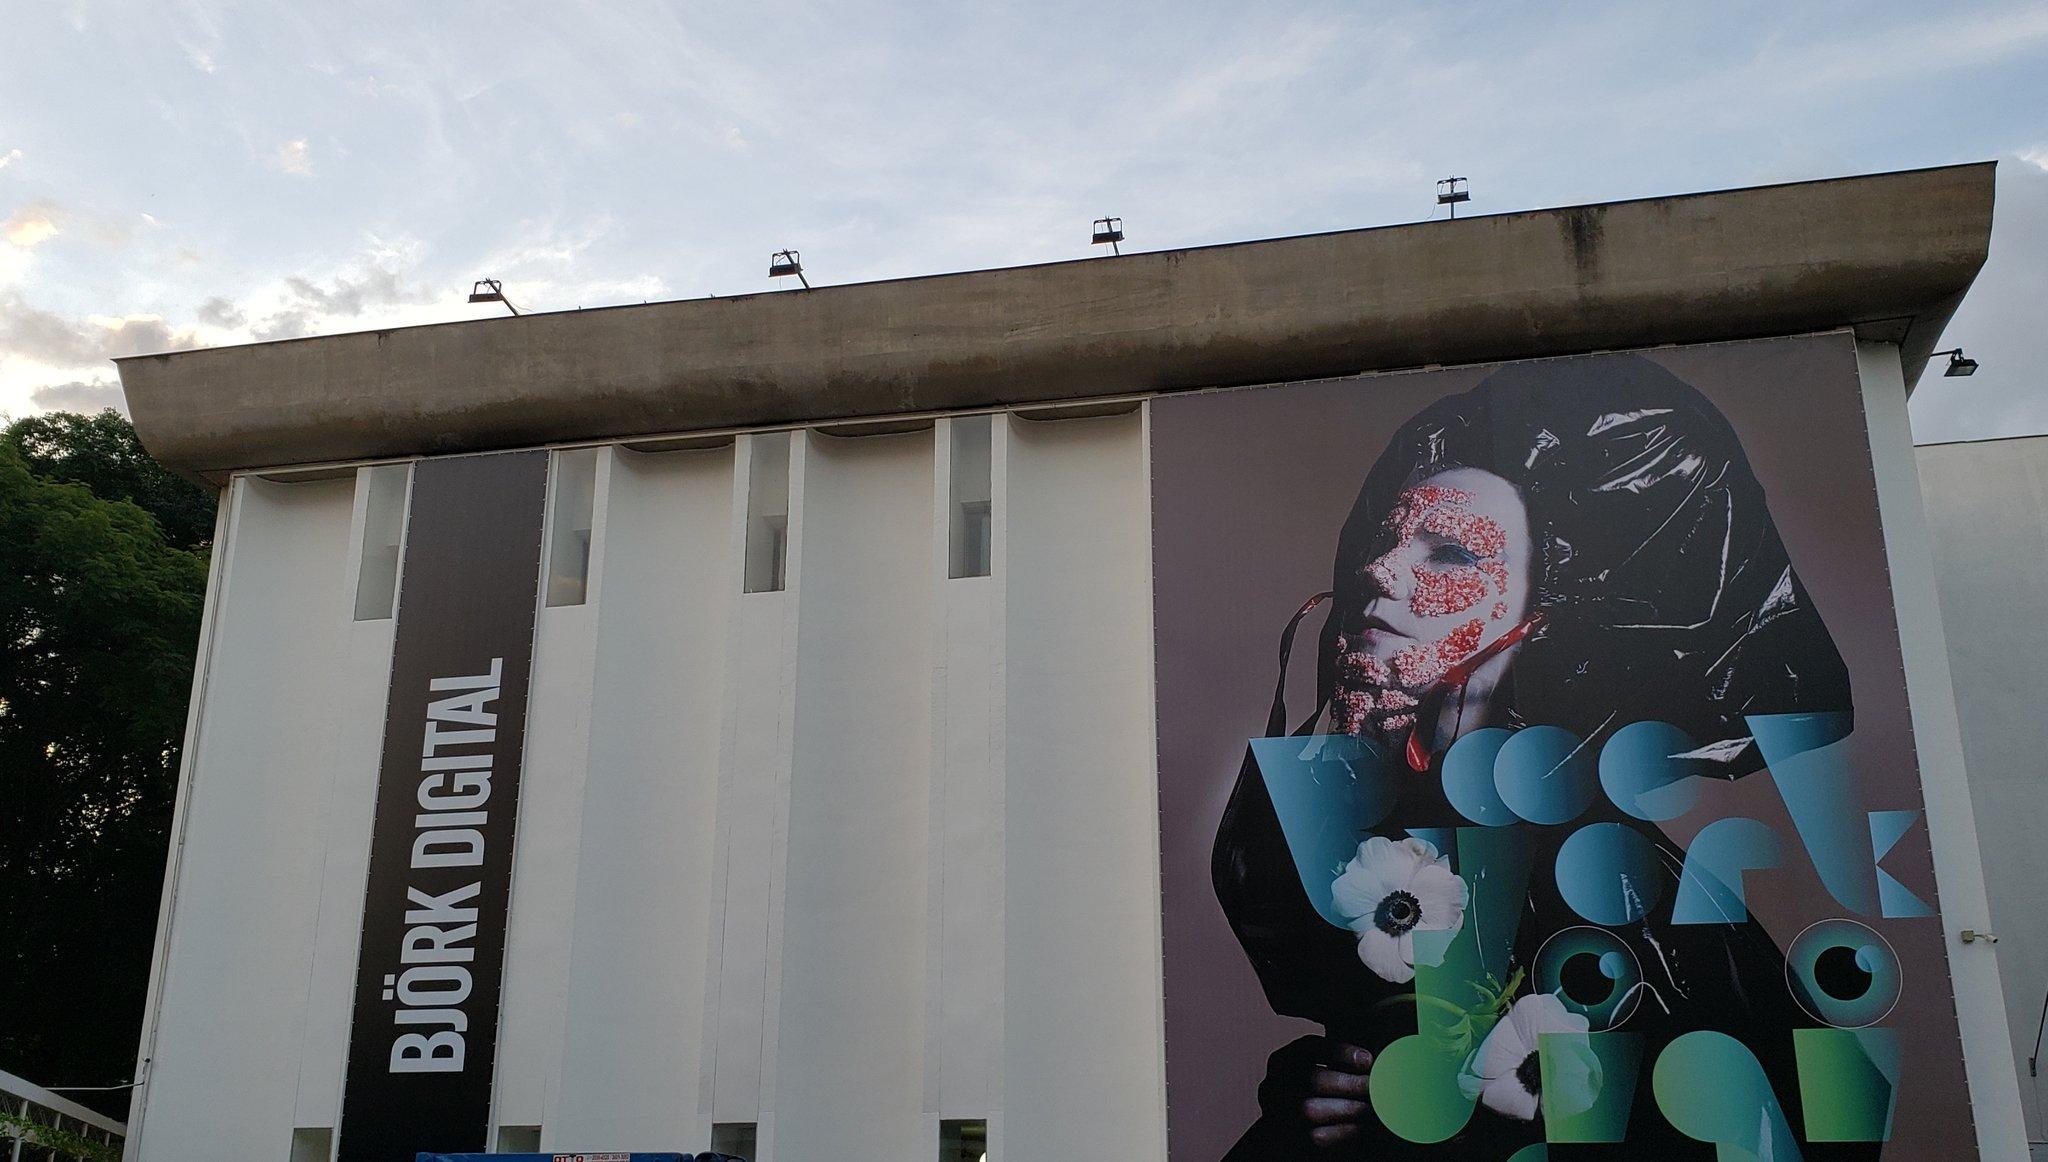 Visite Björk Digital no MIS